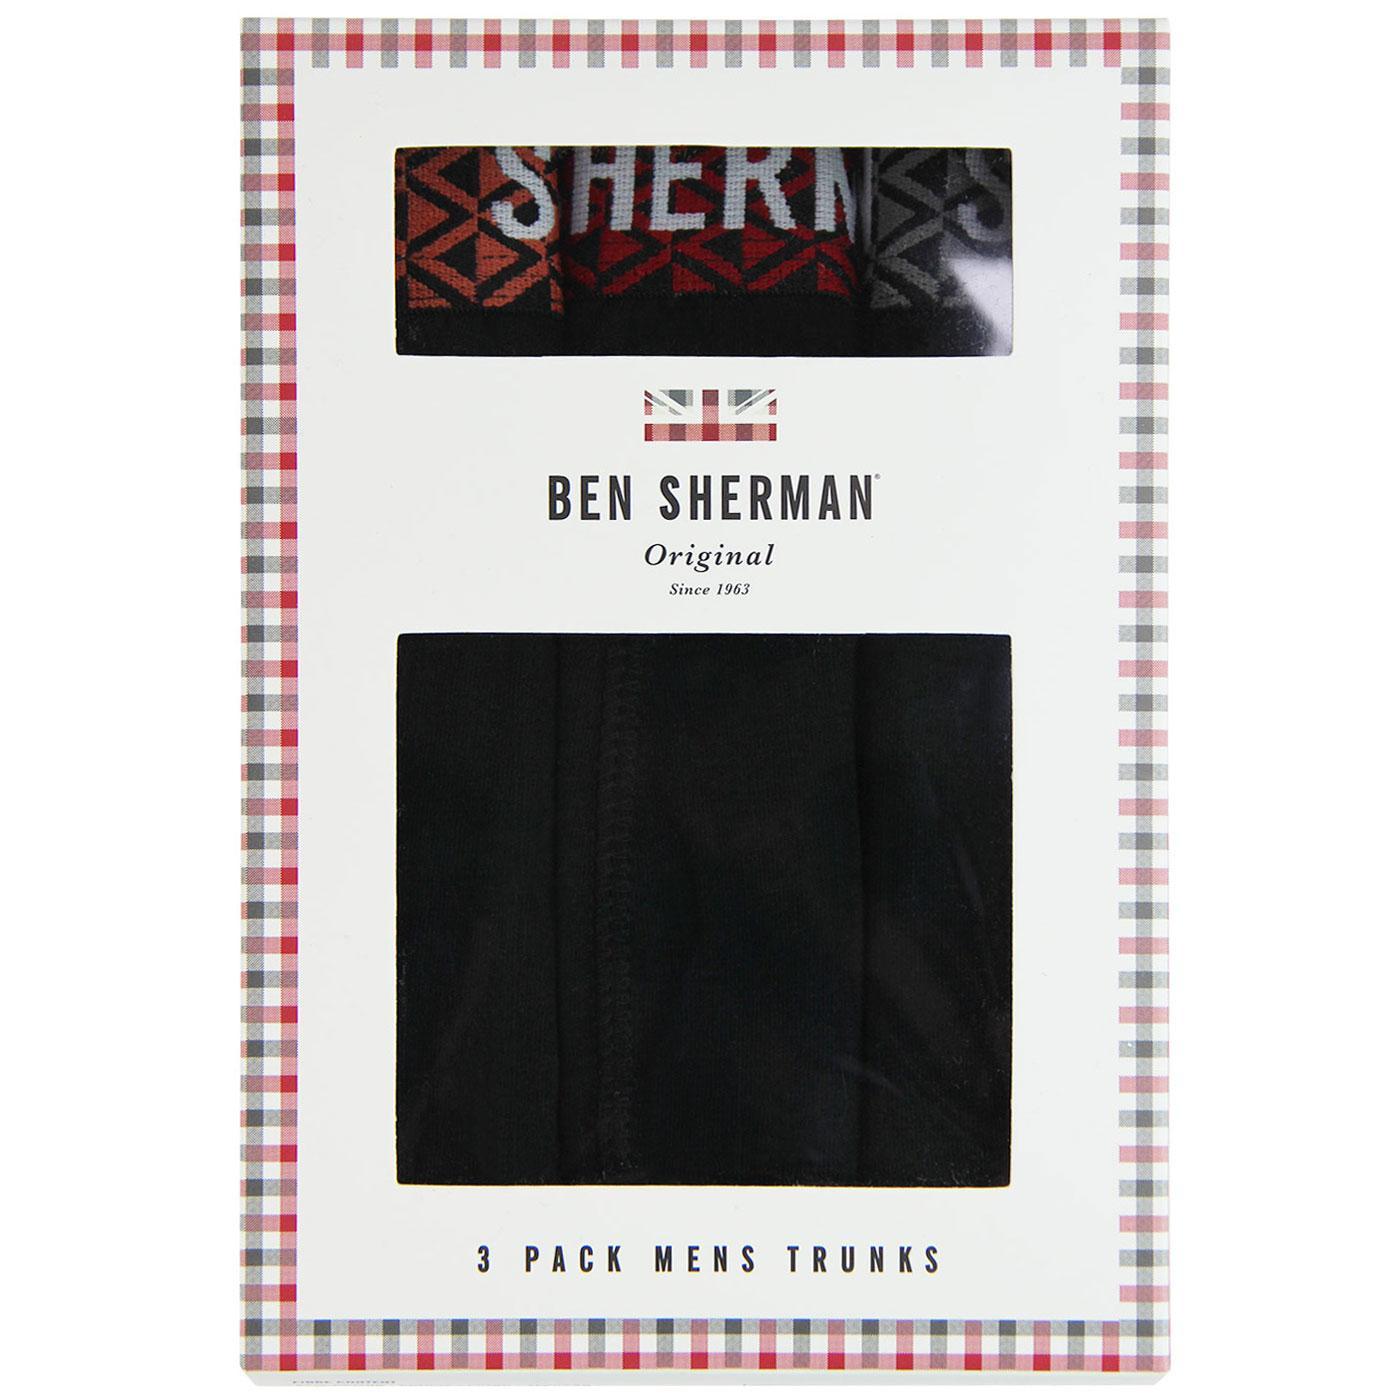 Beacon BEN SHERMAN 3 Pack Retro Trunks (Black)